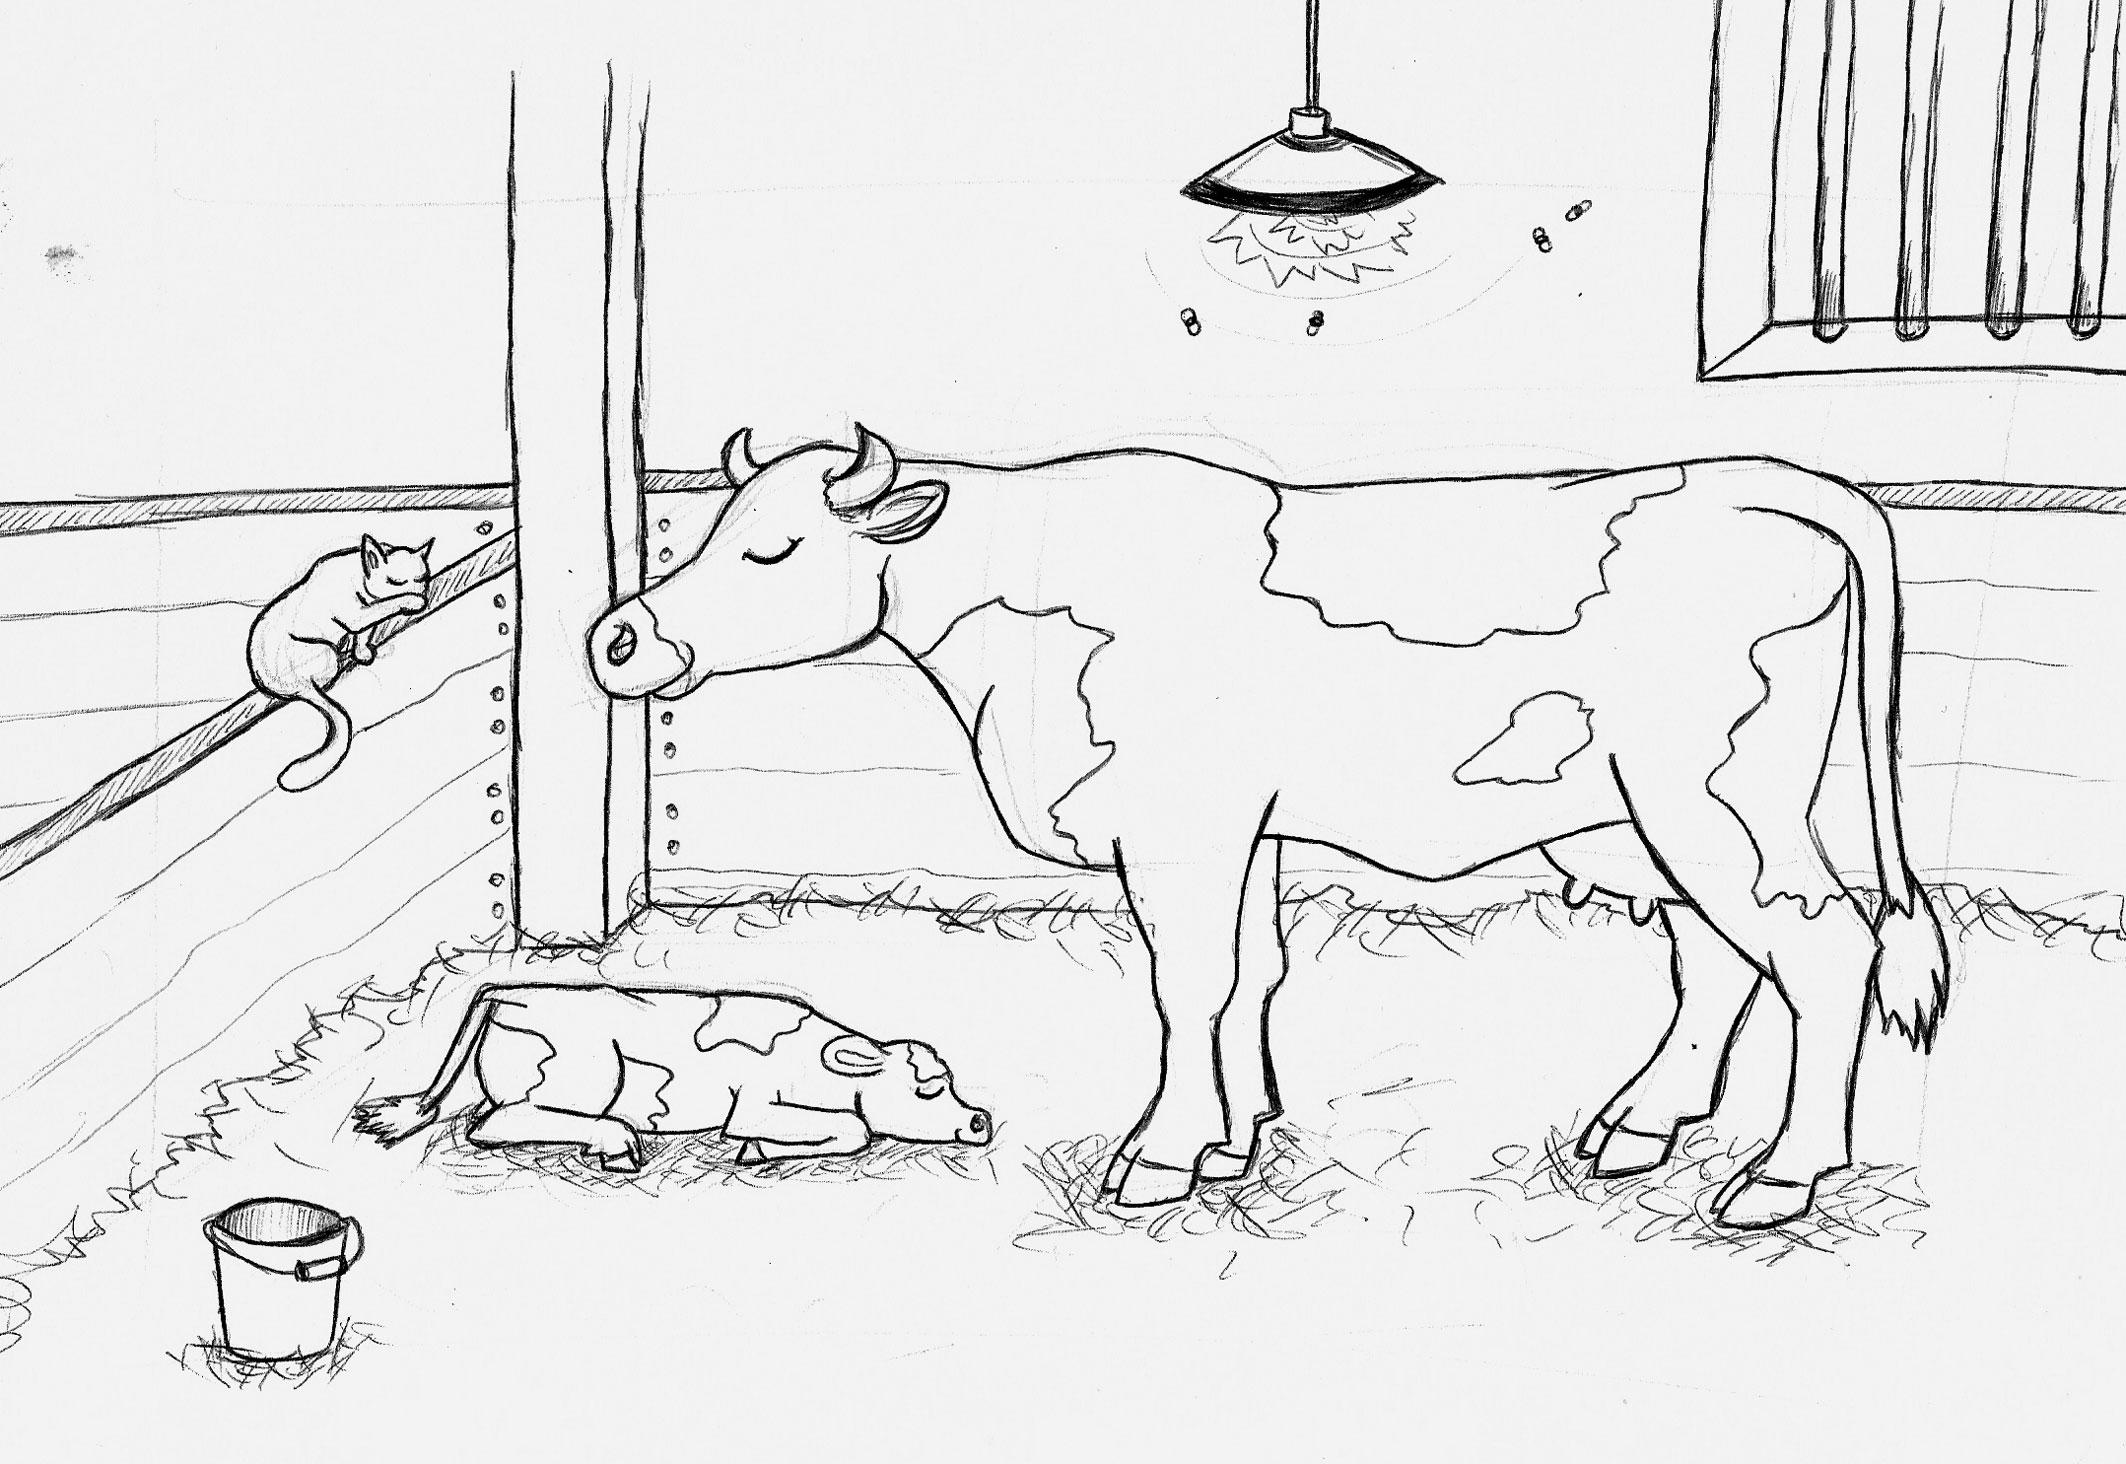 Bauernhof Malbuch Kuh Mit Kind Kleine Viecher